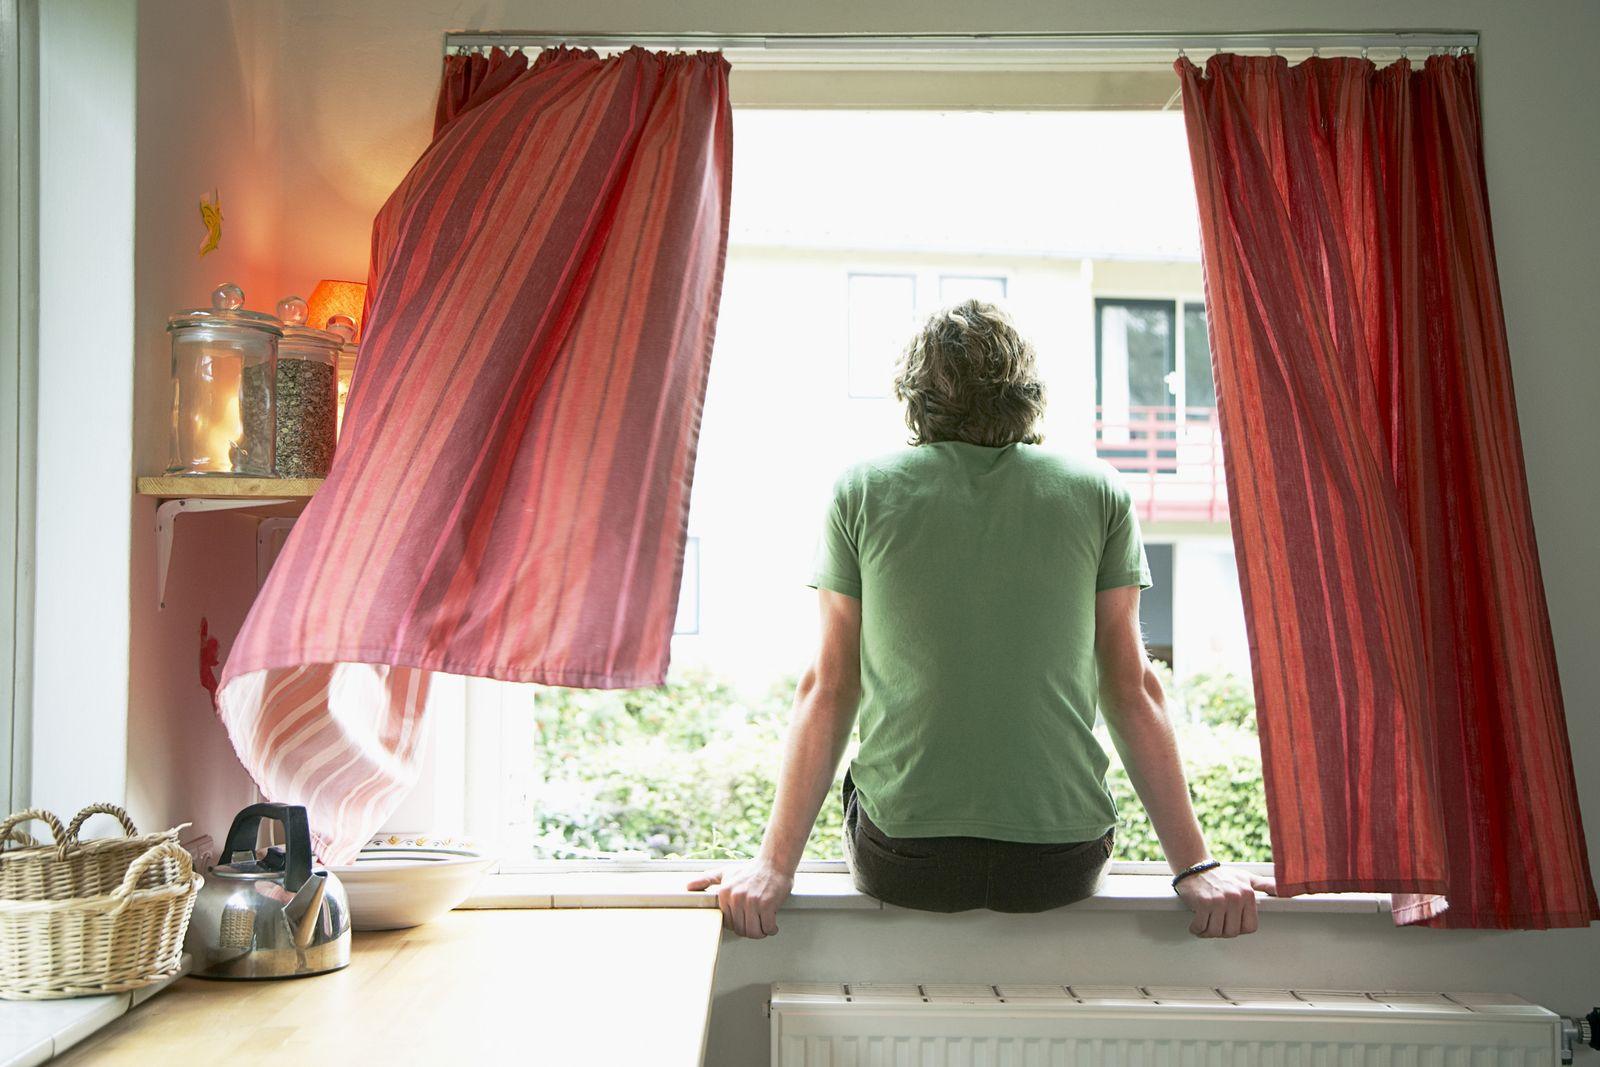 NICHT MEHR VERWENDEN! - Mann/ Single/ Fenster/ Wohnung/ Küche